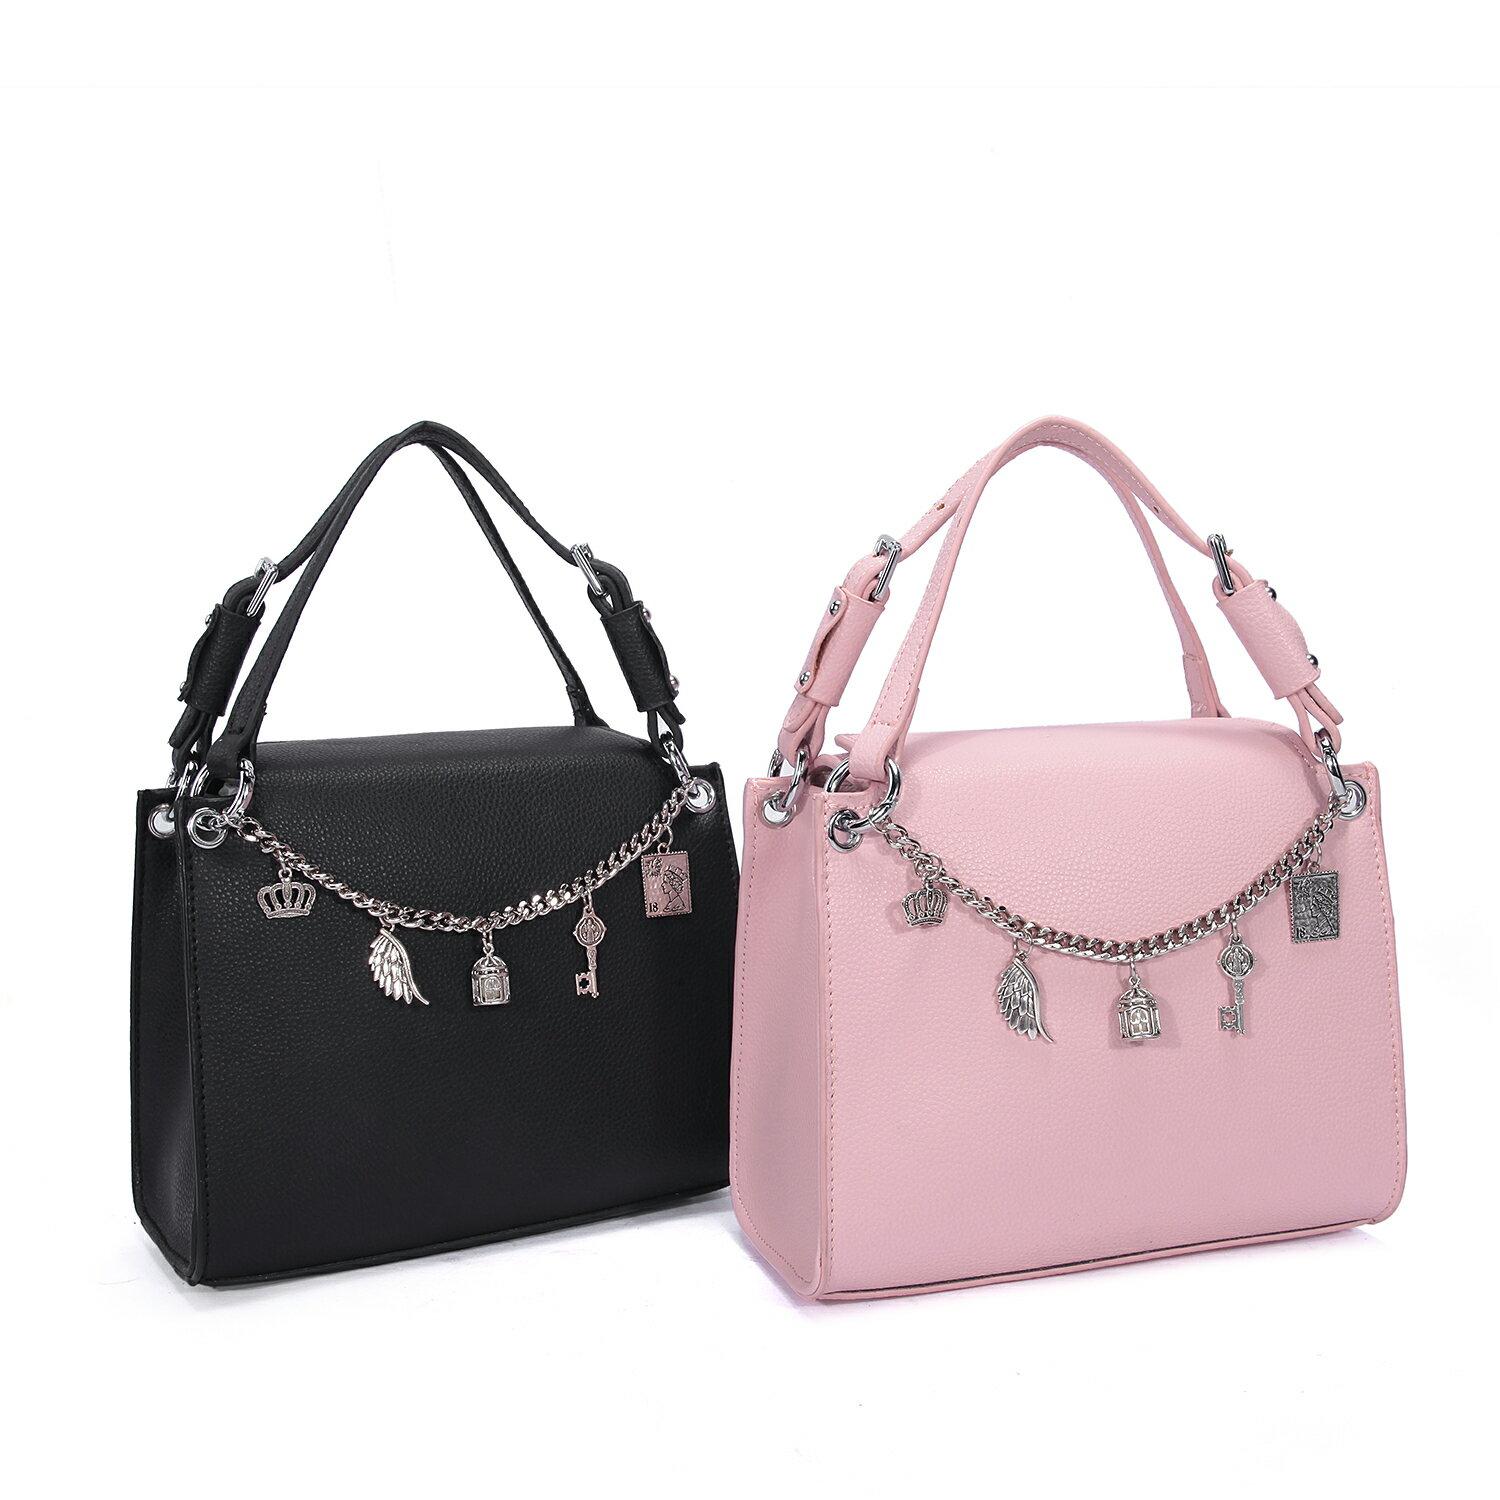 【BEIBAOBAO】東區時尚質感真皮手提包(名媛粉 共二色) 1